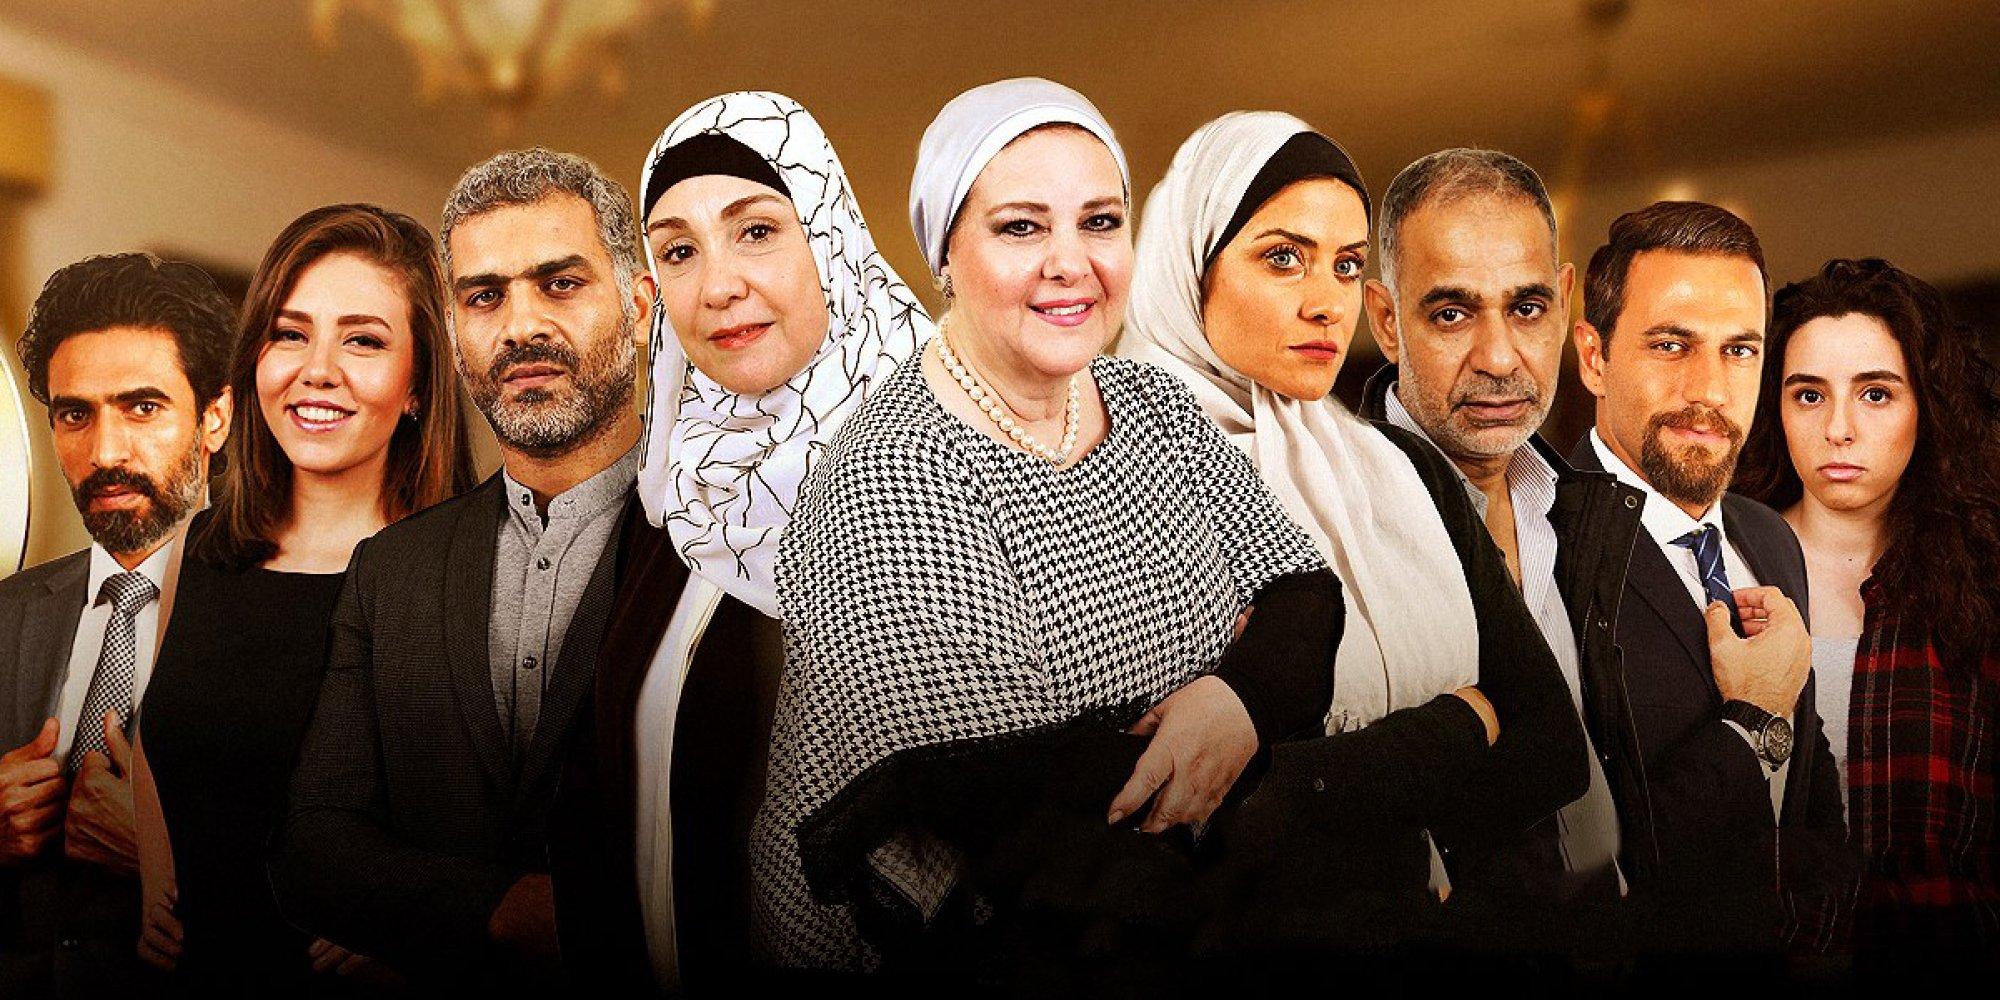 مسلسل سابع جار, مسلسلات مصرية, دراما مصرية